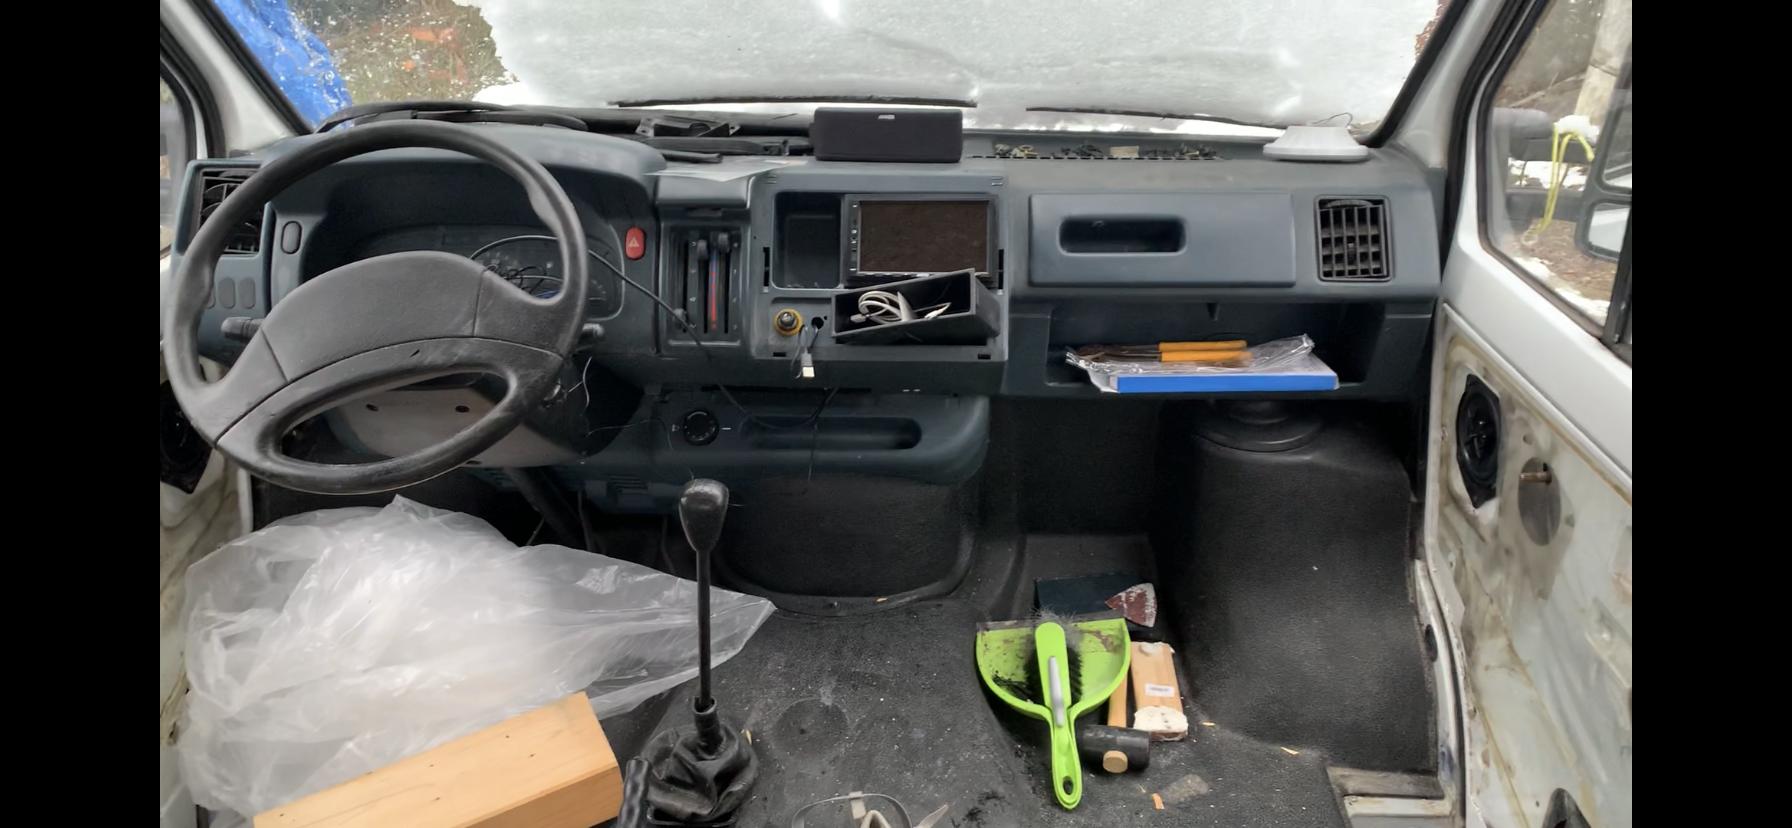 Ablagefach für alten Radioschacht